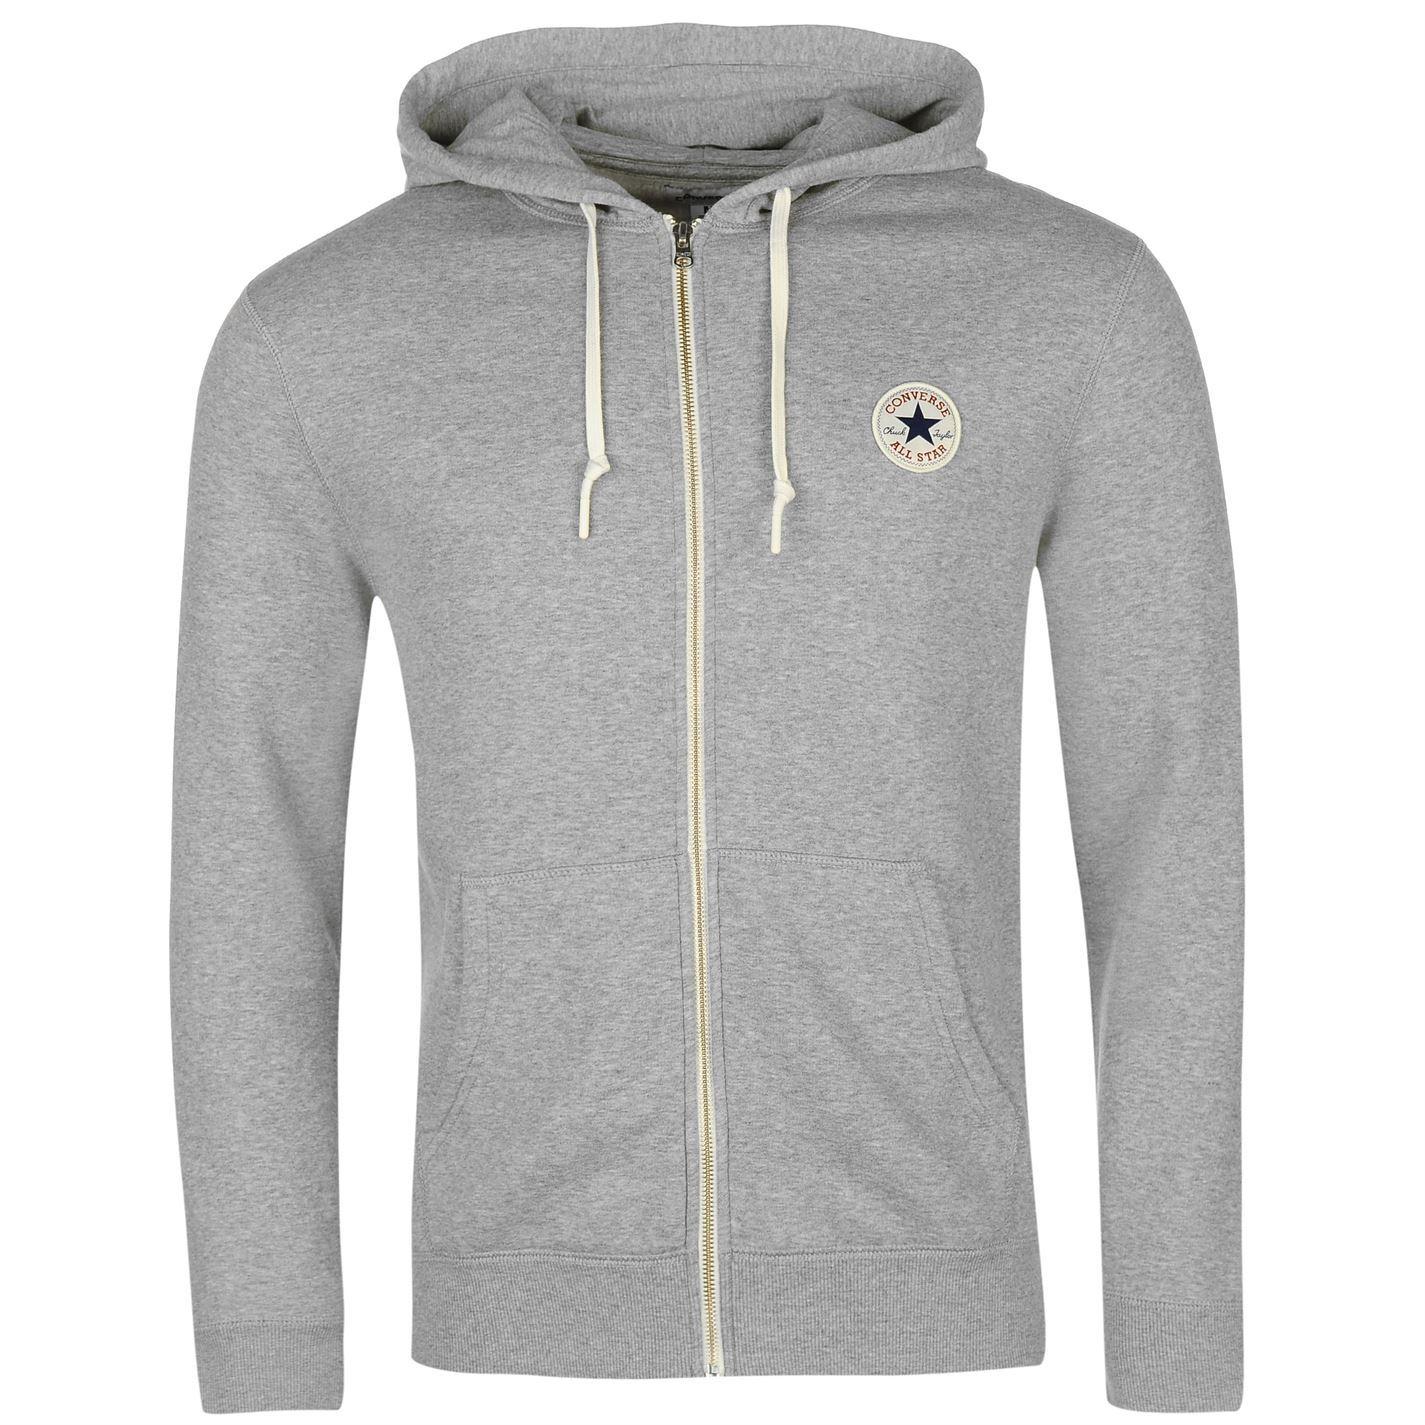 thumbnail 18 - Converse Core Full Zip Hoody Jacket Mens Hoodie Sweatshirt Sweater Hooded Top